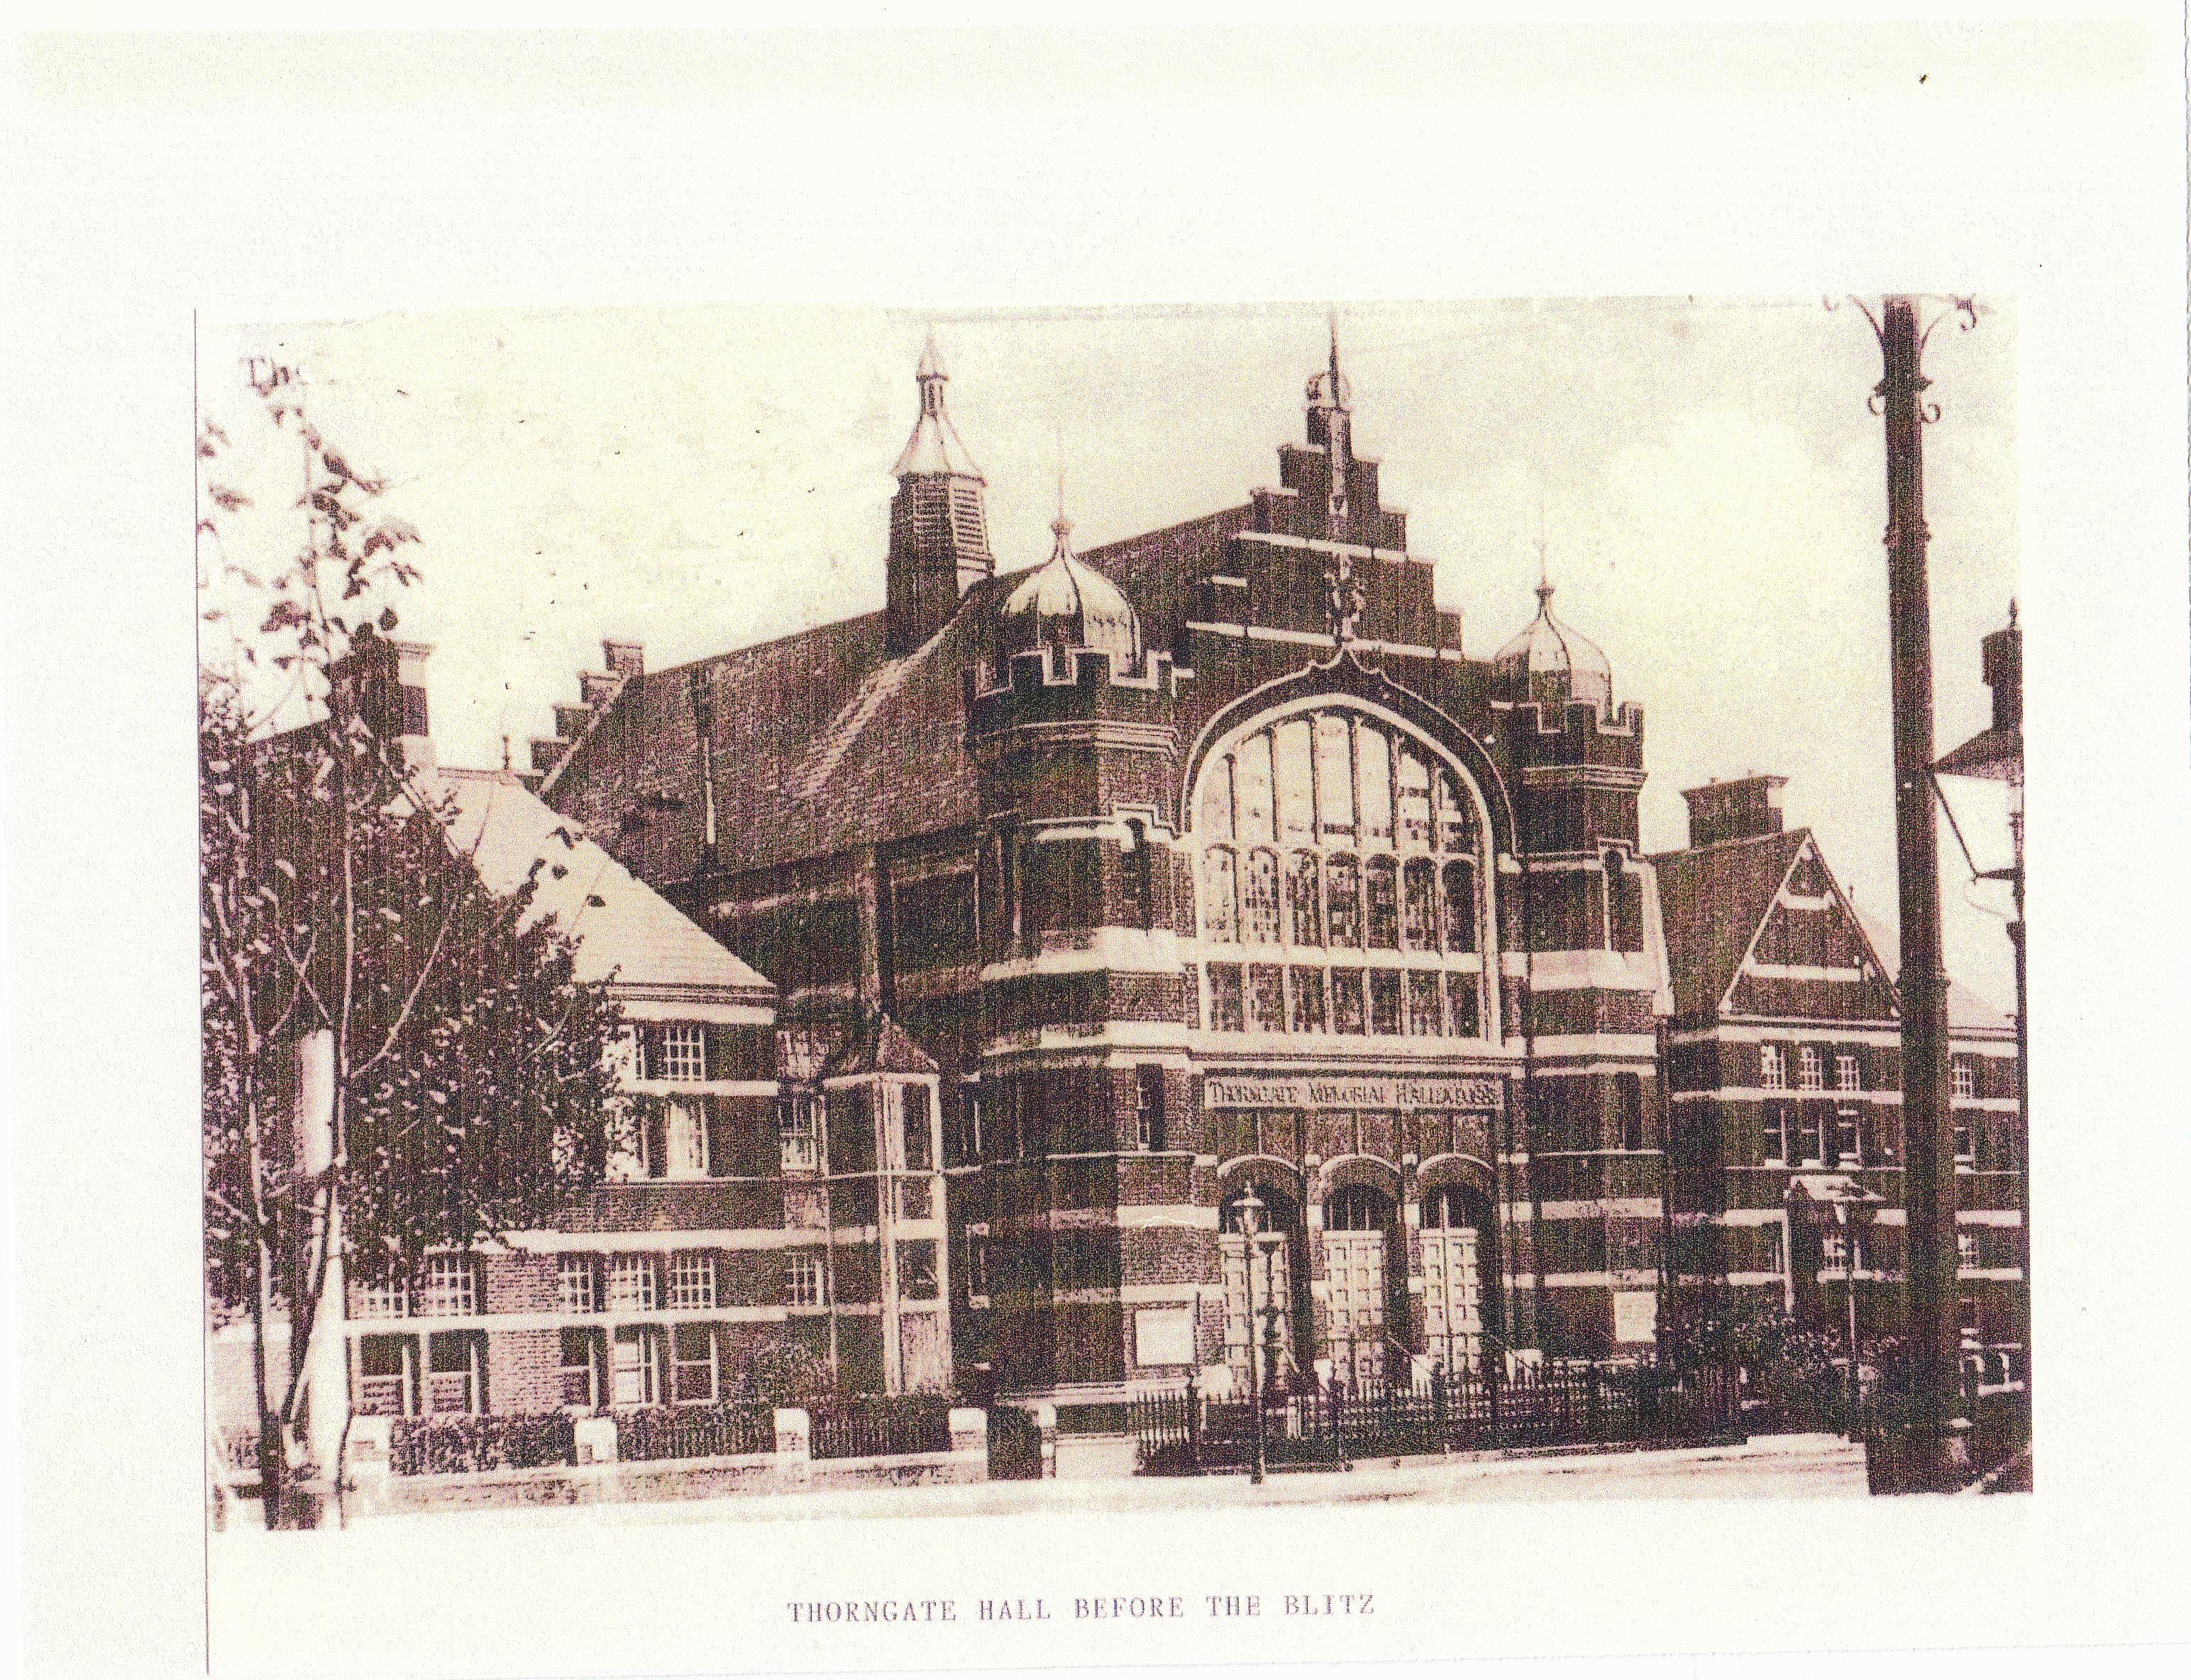 Original Thorgate Hall